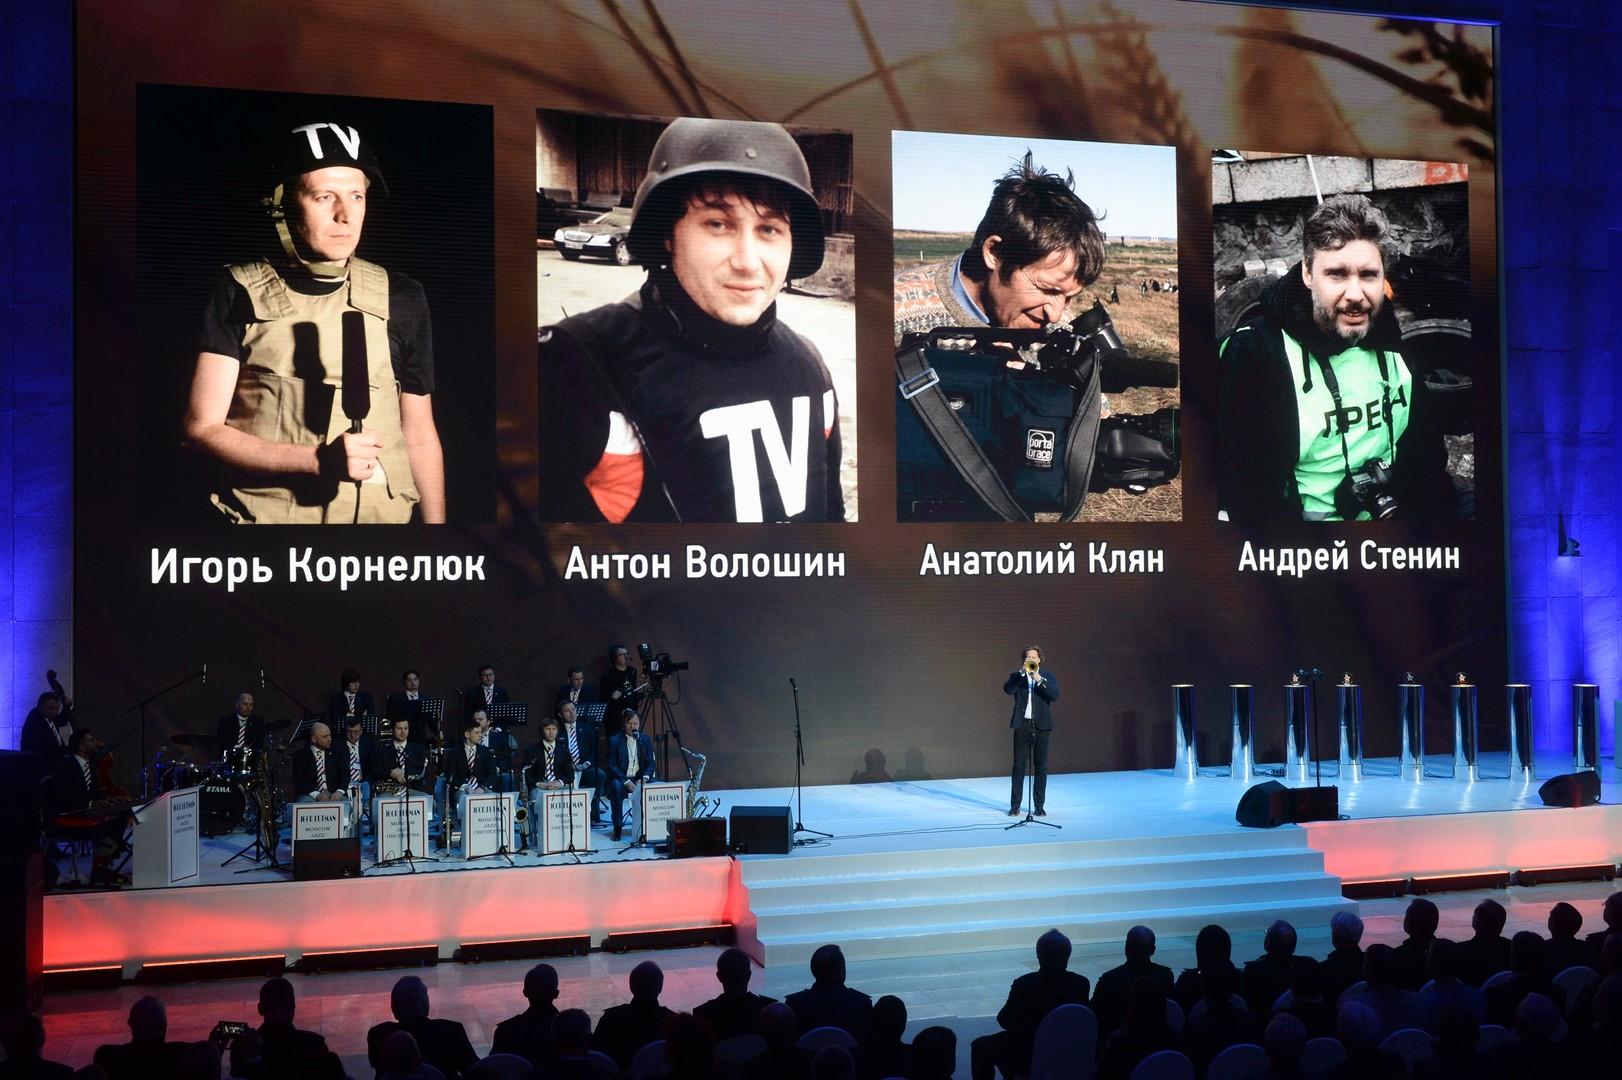 Экран с портретами журналистов, погибших во время военных действий на Украине